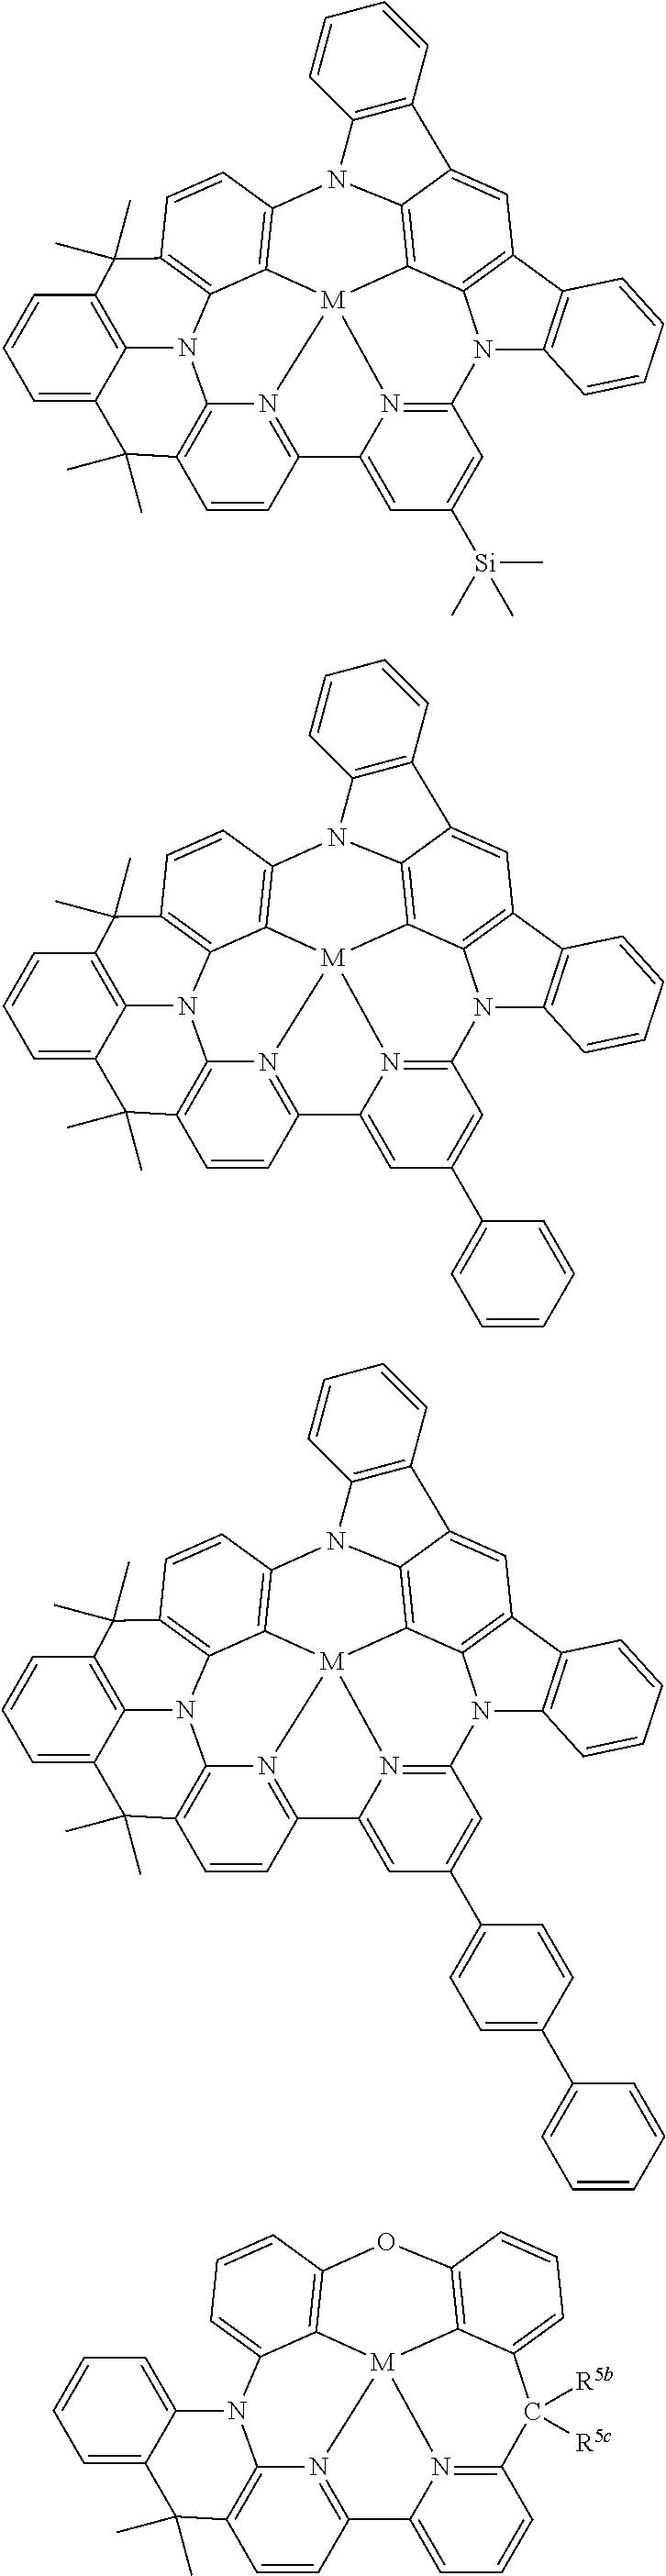 Figure US10158091-20181218-C00157